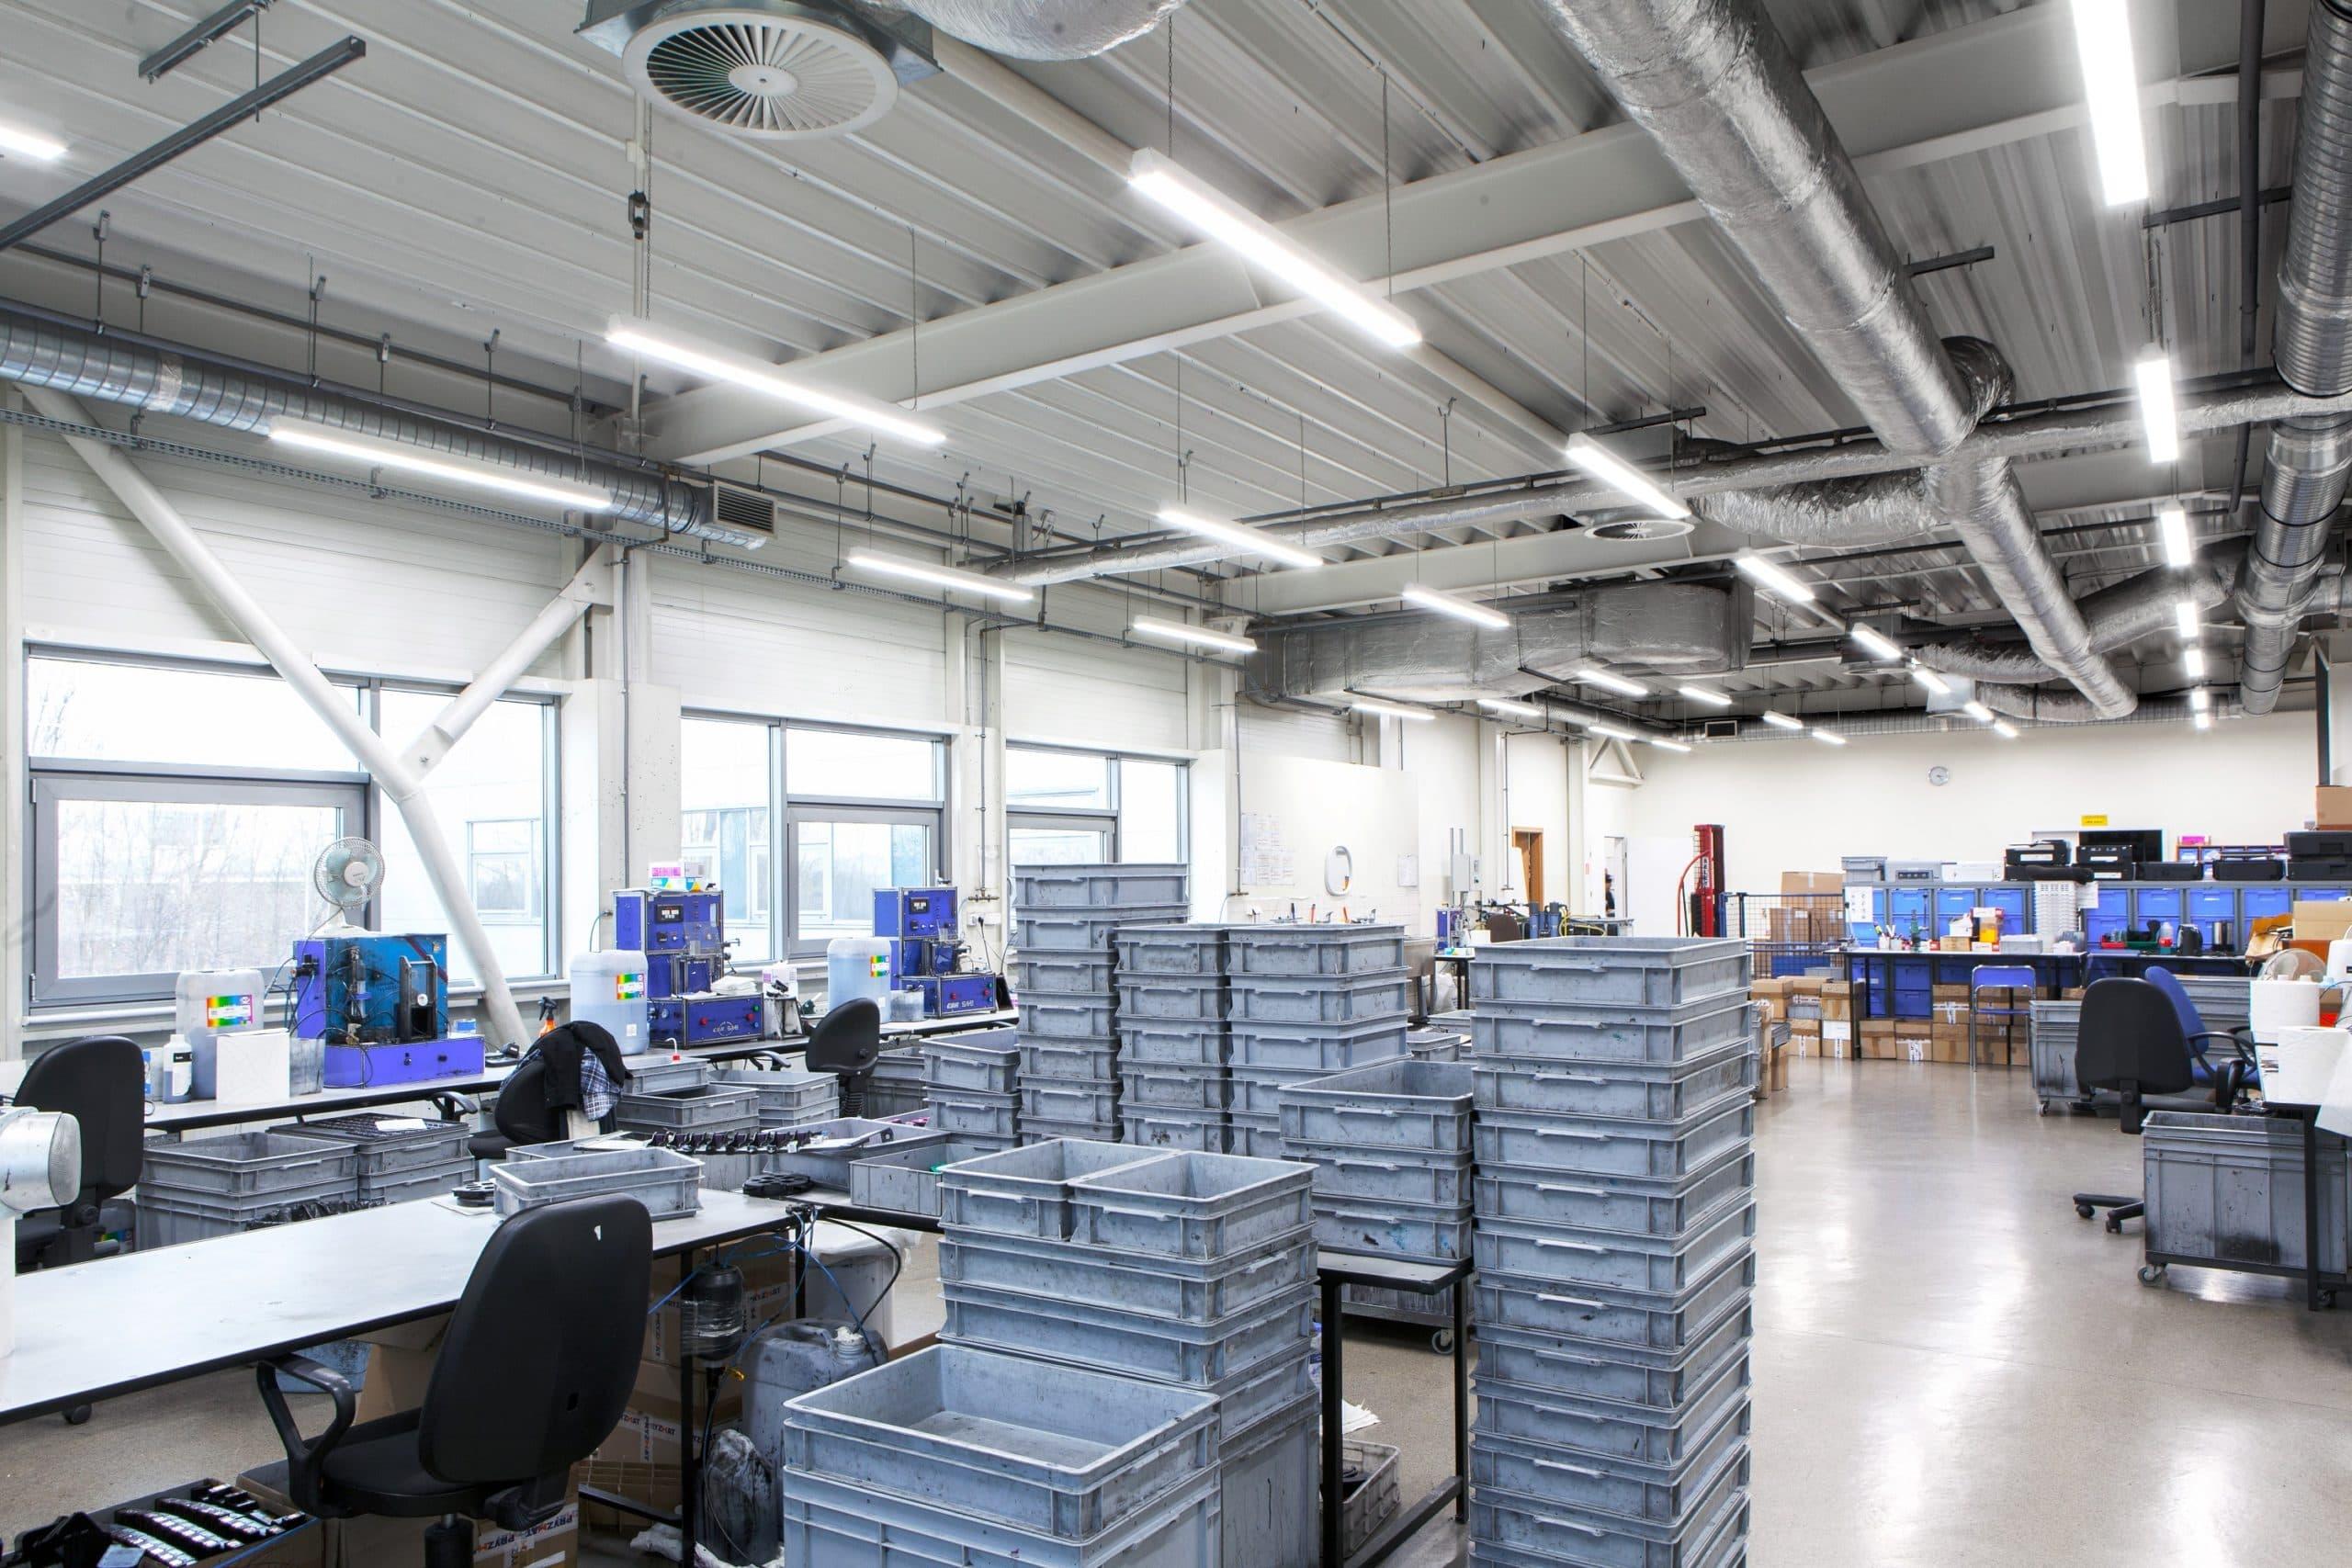 Oprawy przemysłowe Industrial w zmodernizowanej hali produkcyjnej firmy Pryzmat - Luxon LED